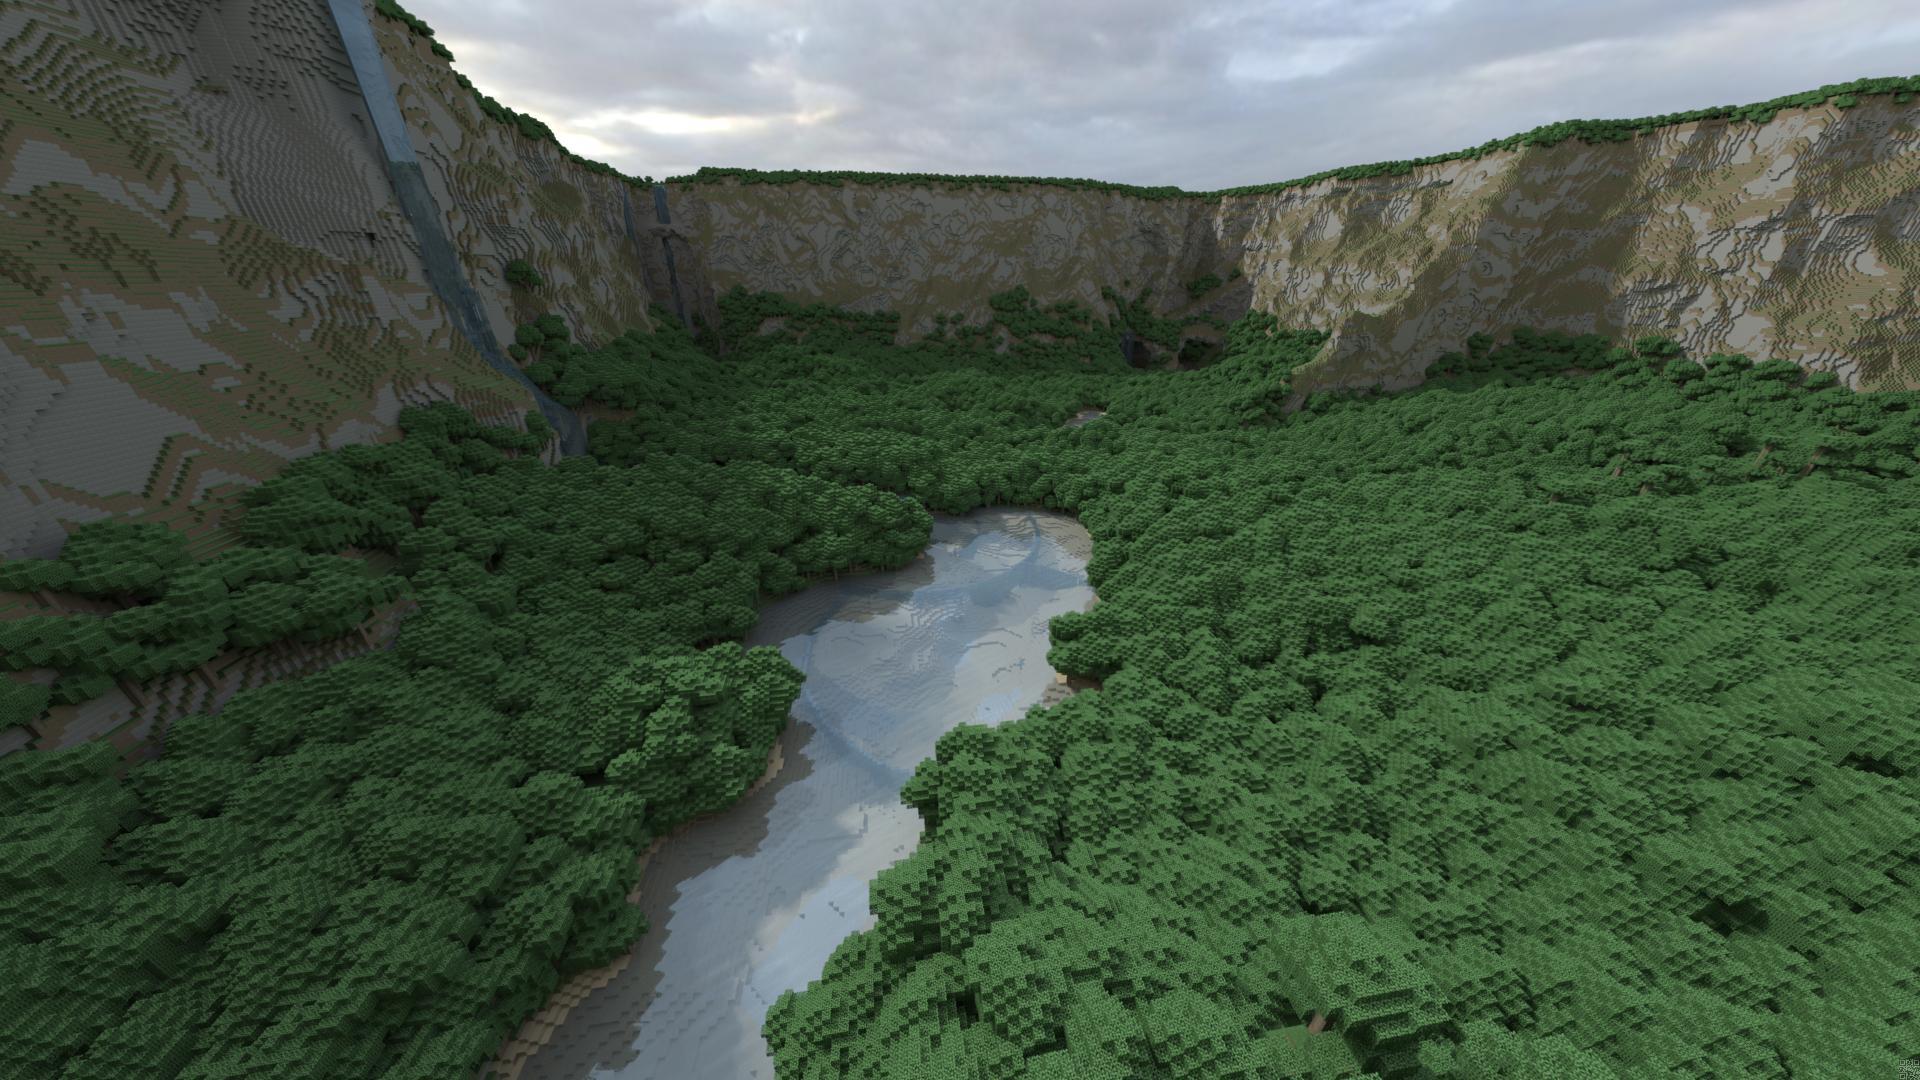 Fond d'écran Minecraft Gratuit de paysage